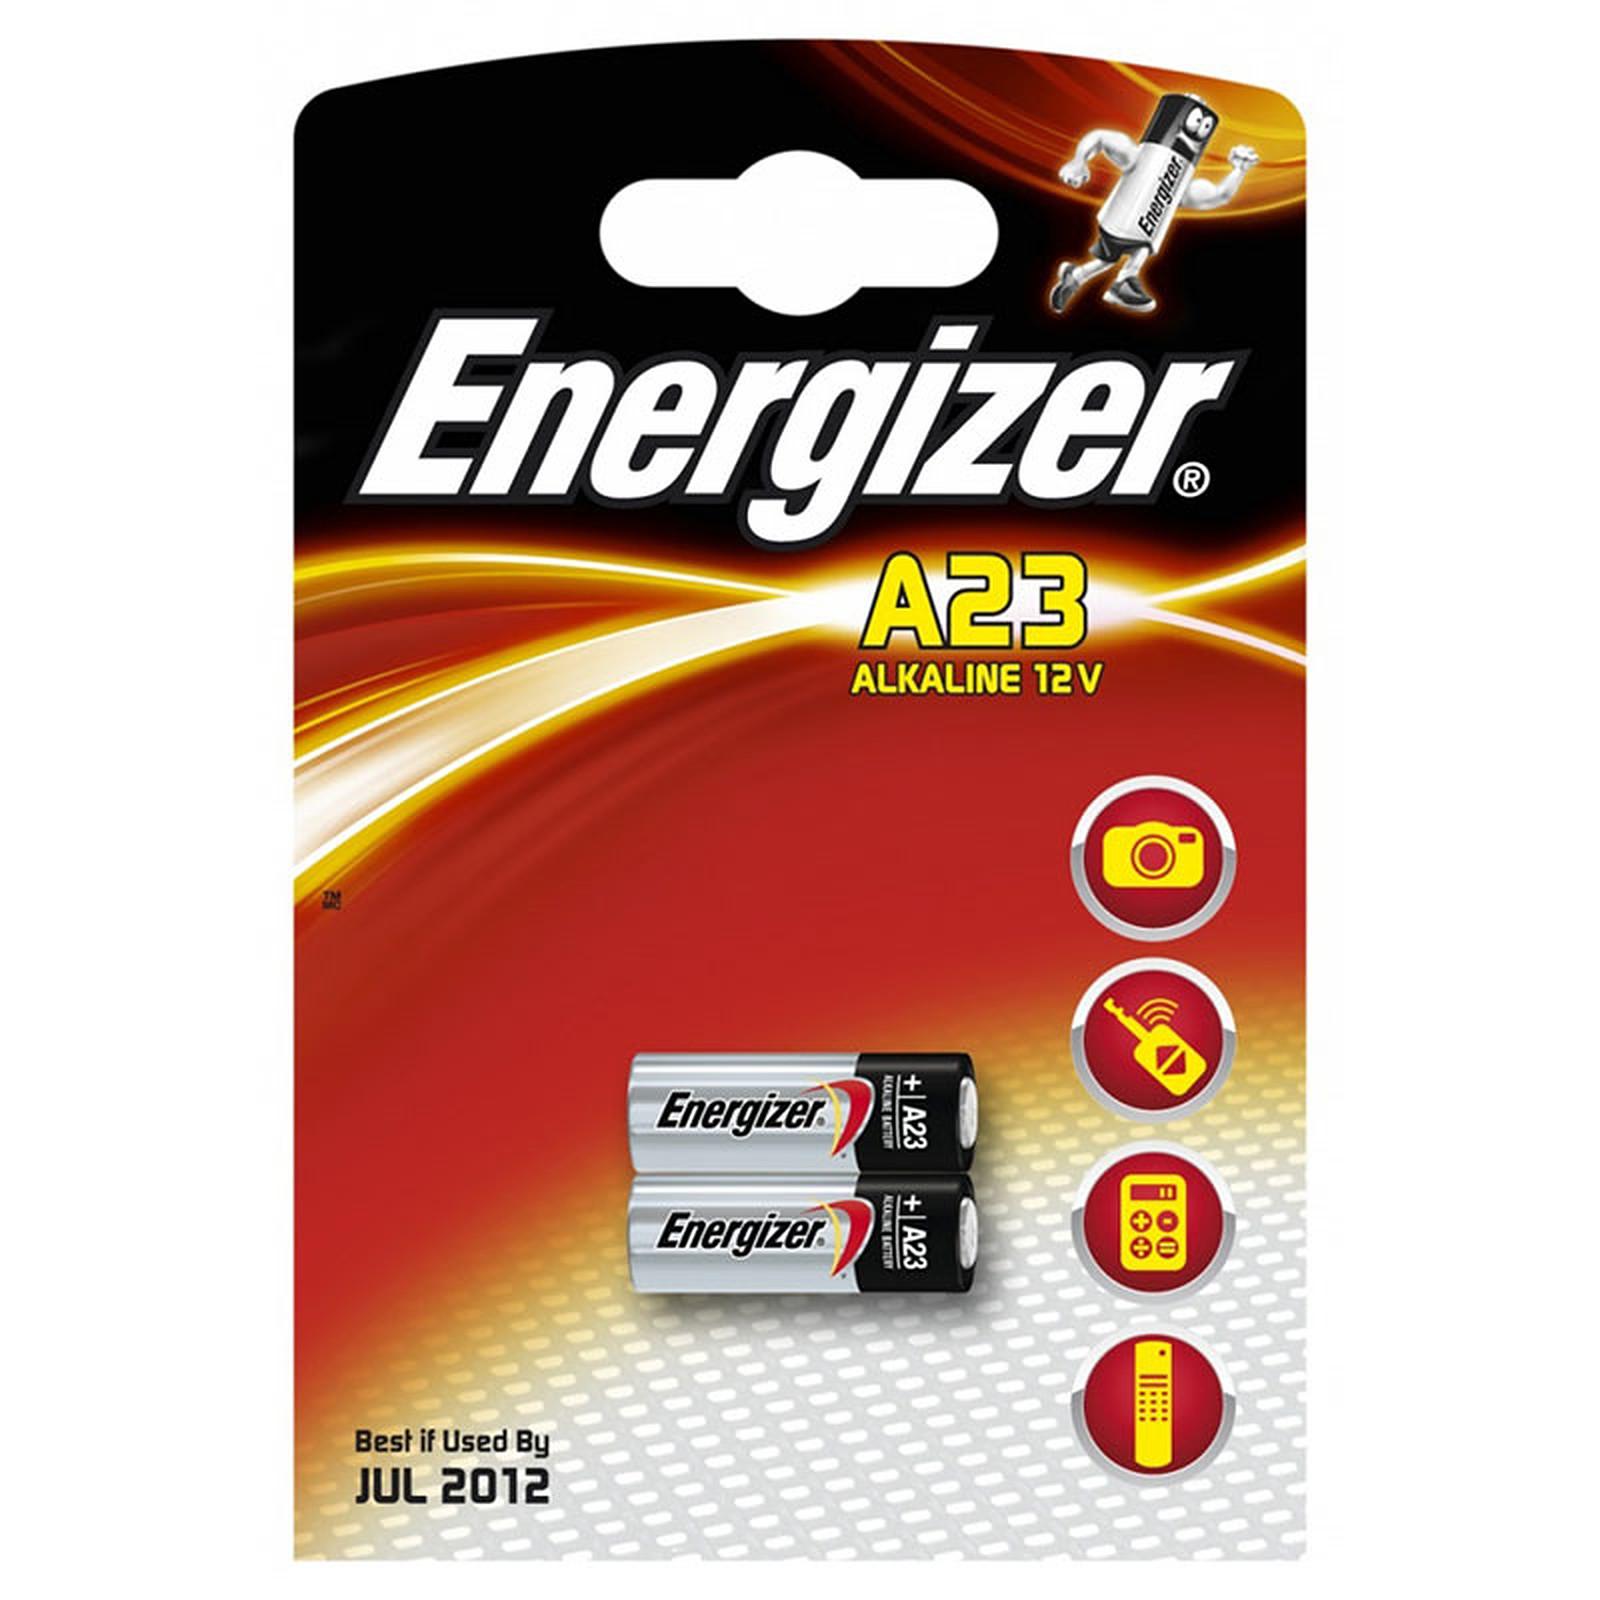 Energizer A23 Alkaline 12V (par 2)